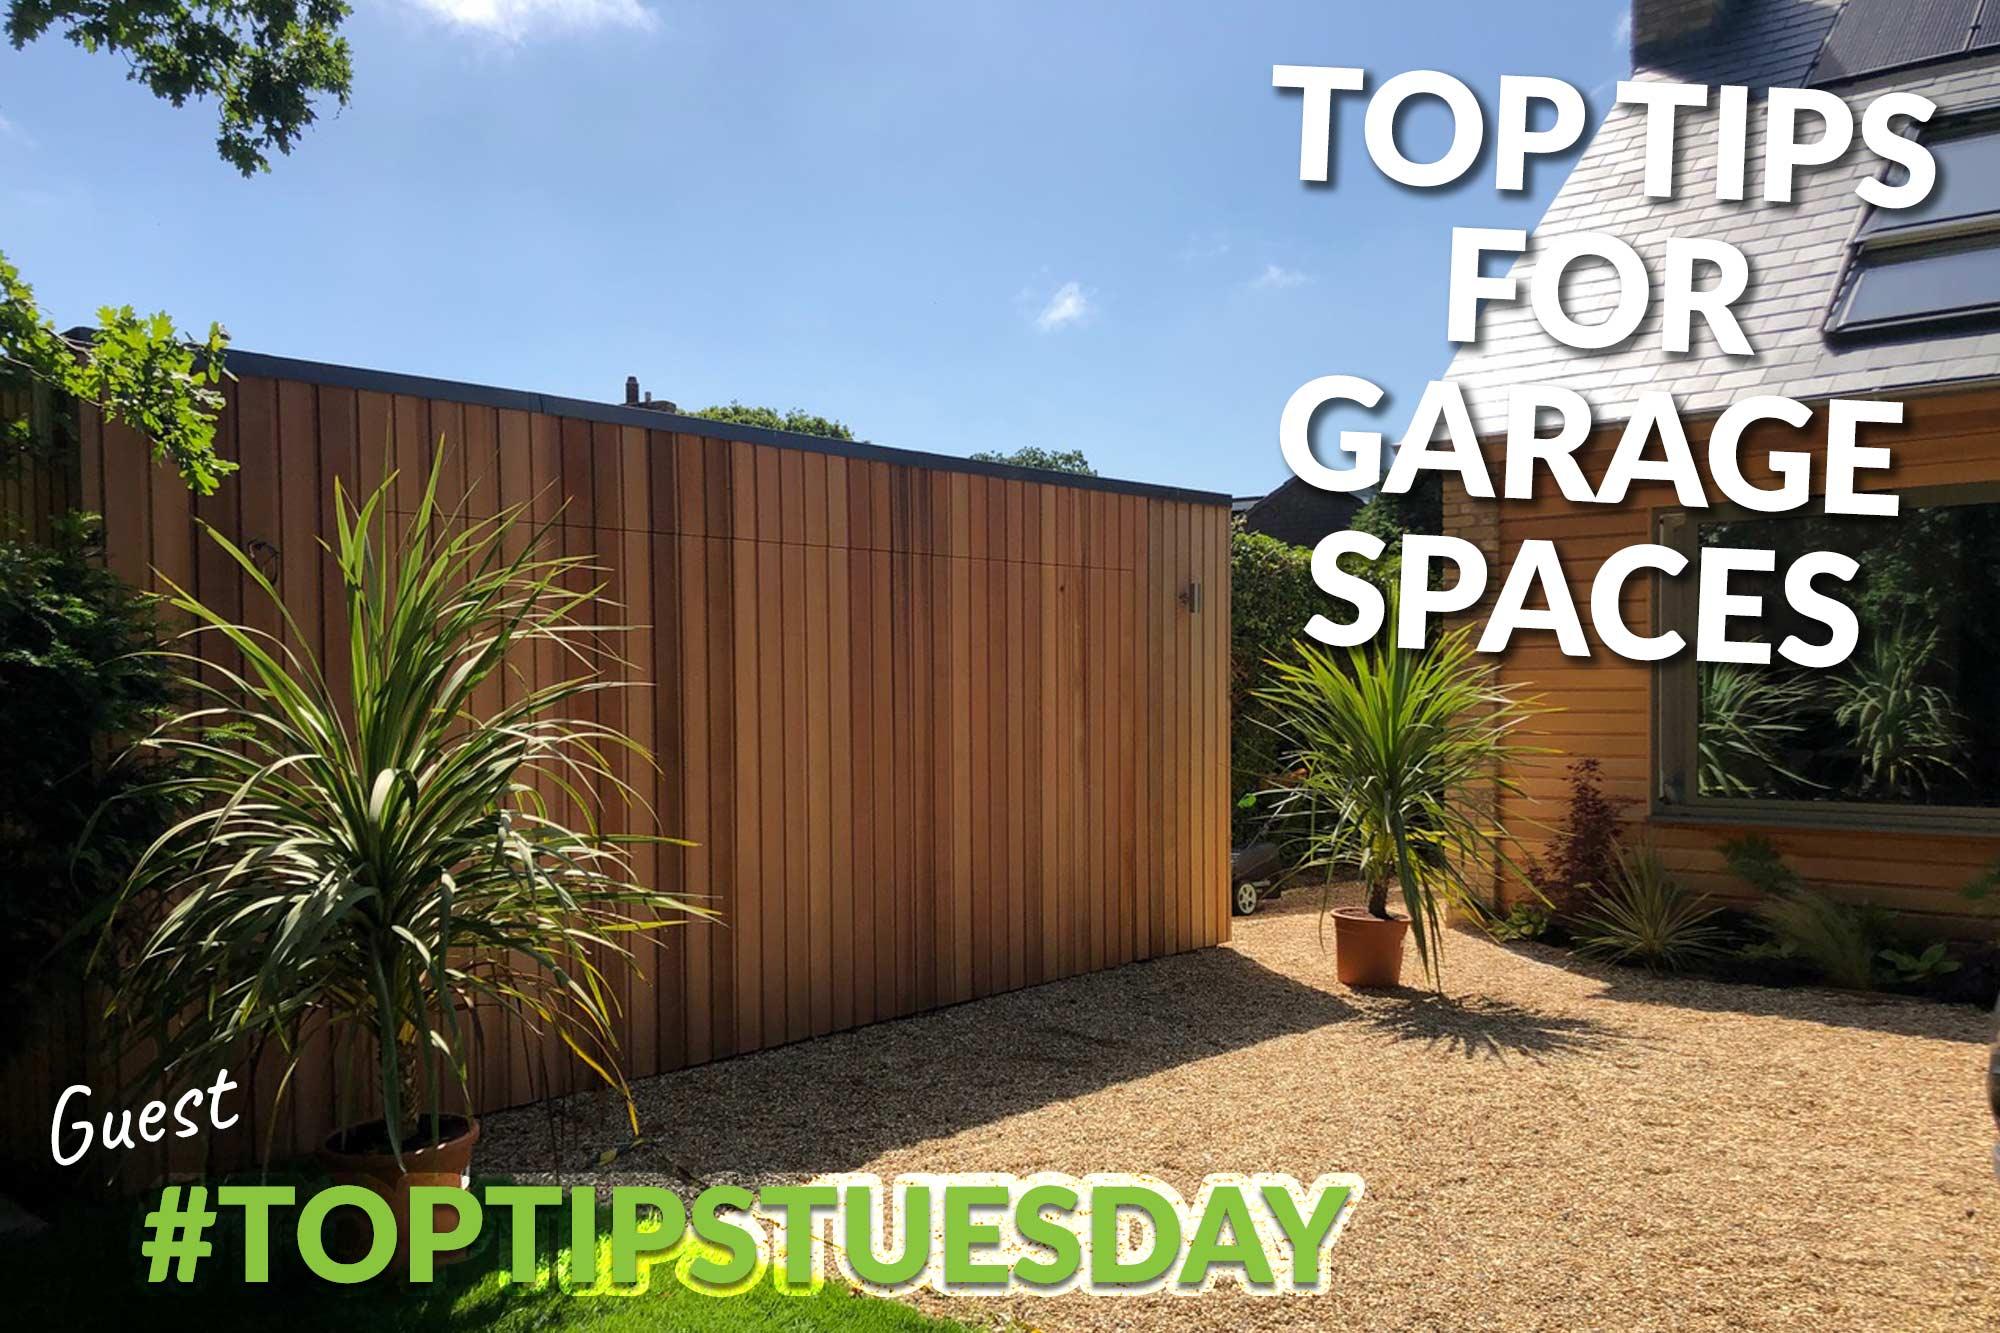 Top tips for garage doors